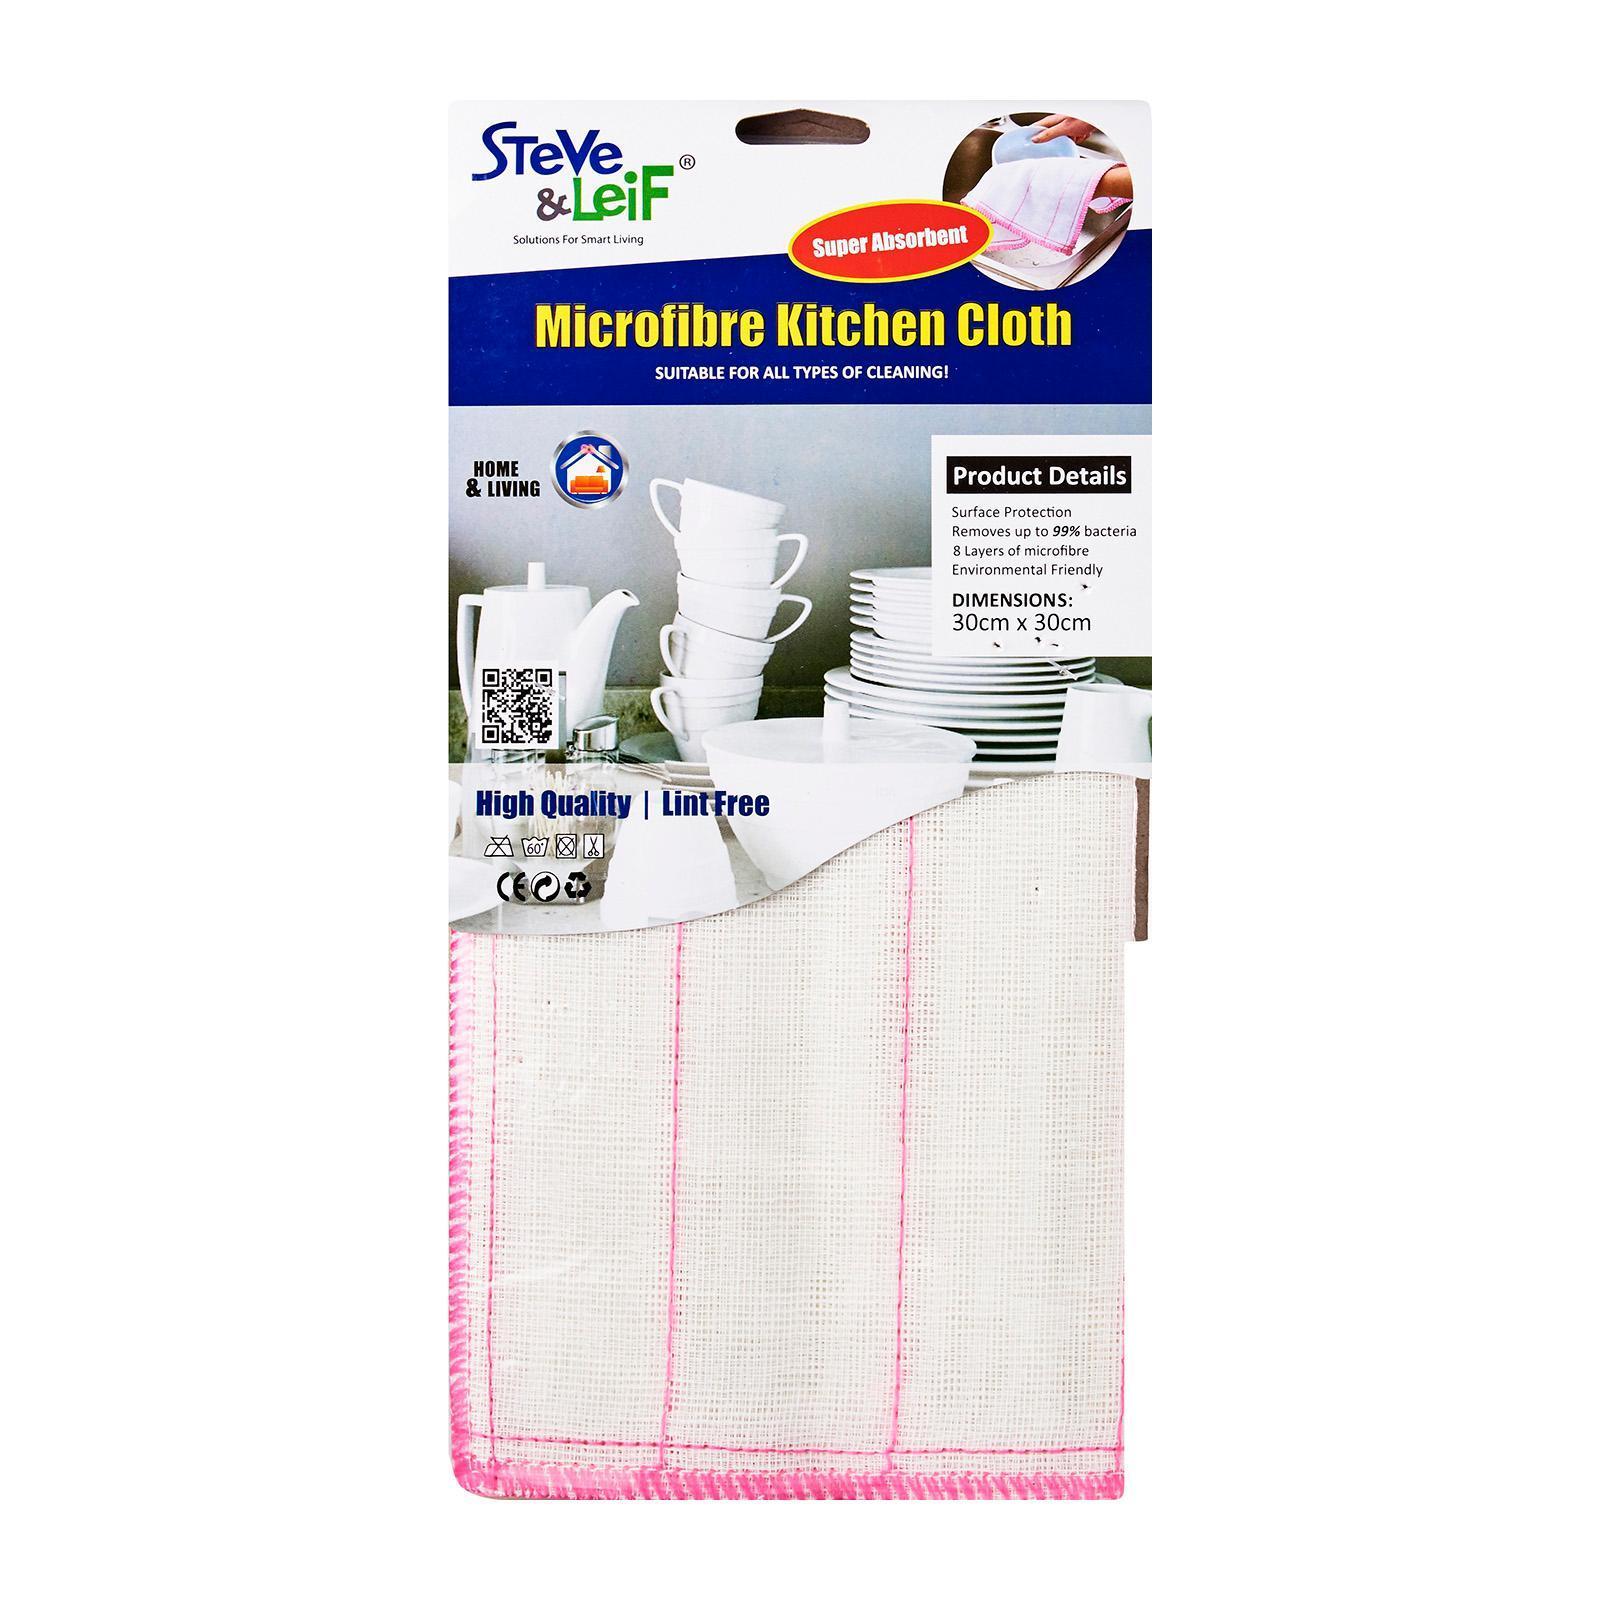 Steve & Leif 8 Layers Microfibre Kitchen Cloth (3 Pcs)